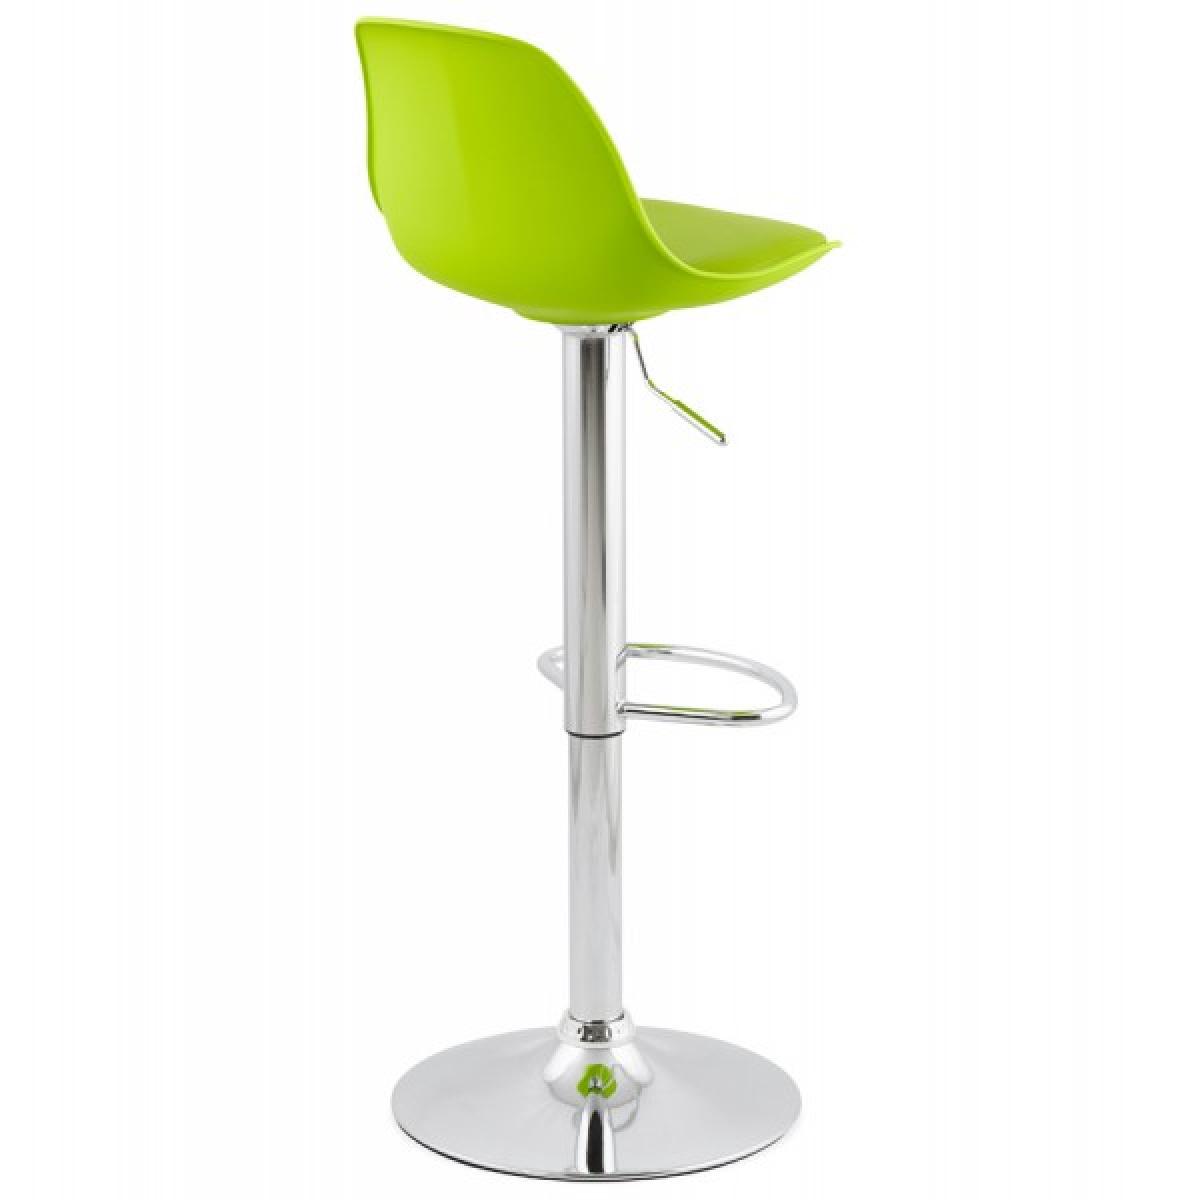 tables manger pas cher table manger extensible verre. Black Bedroom Furniture Sets. Home Design Ideas